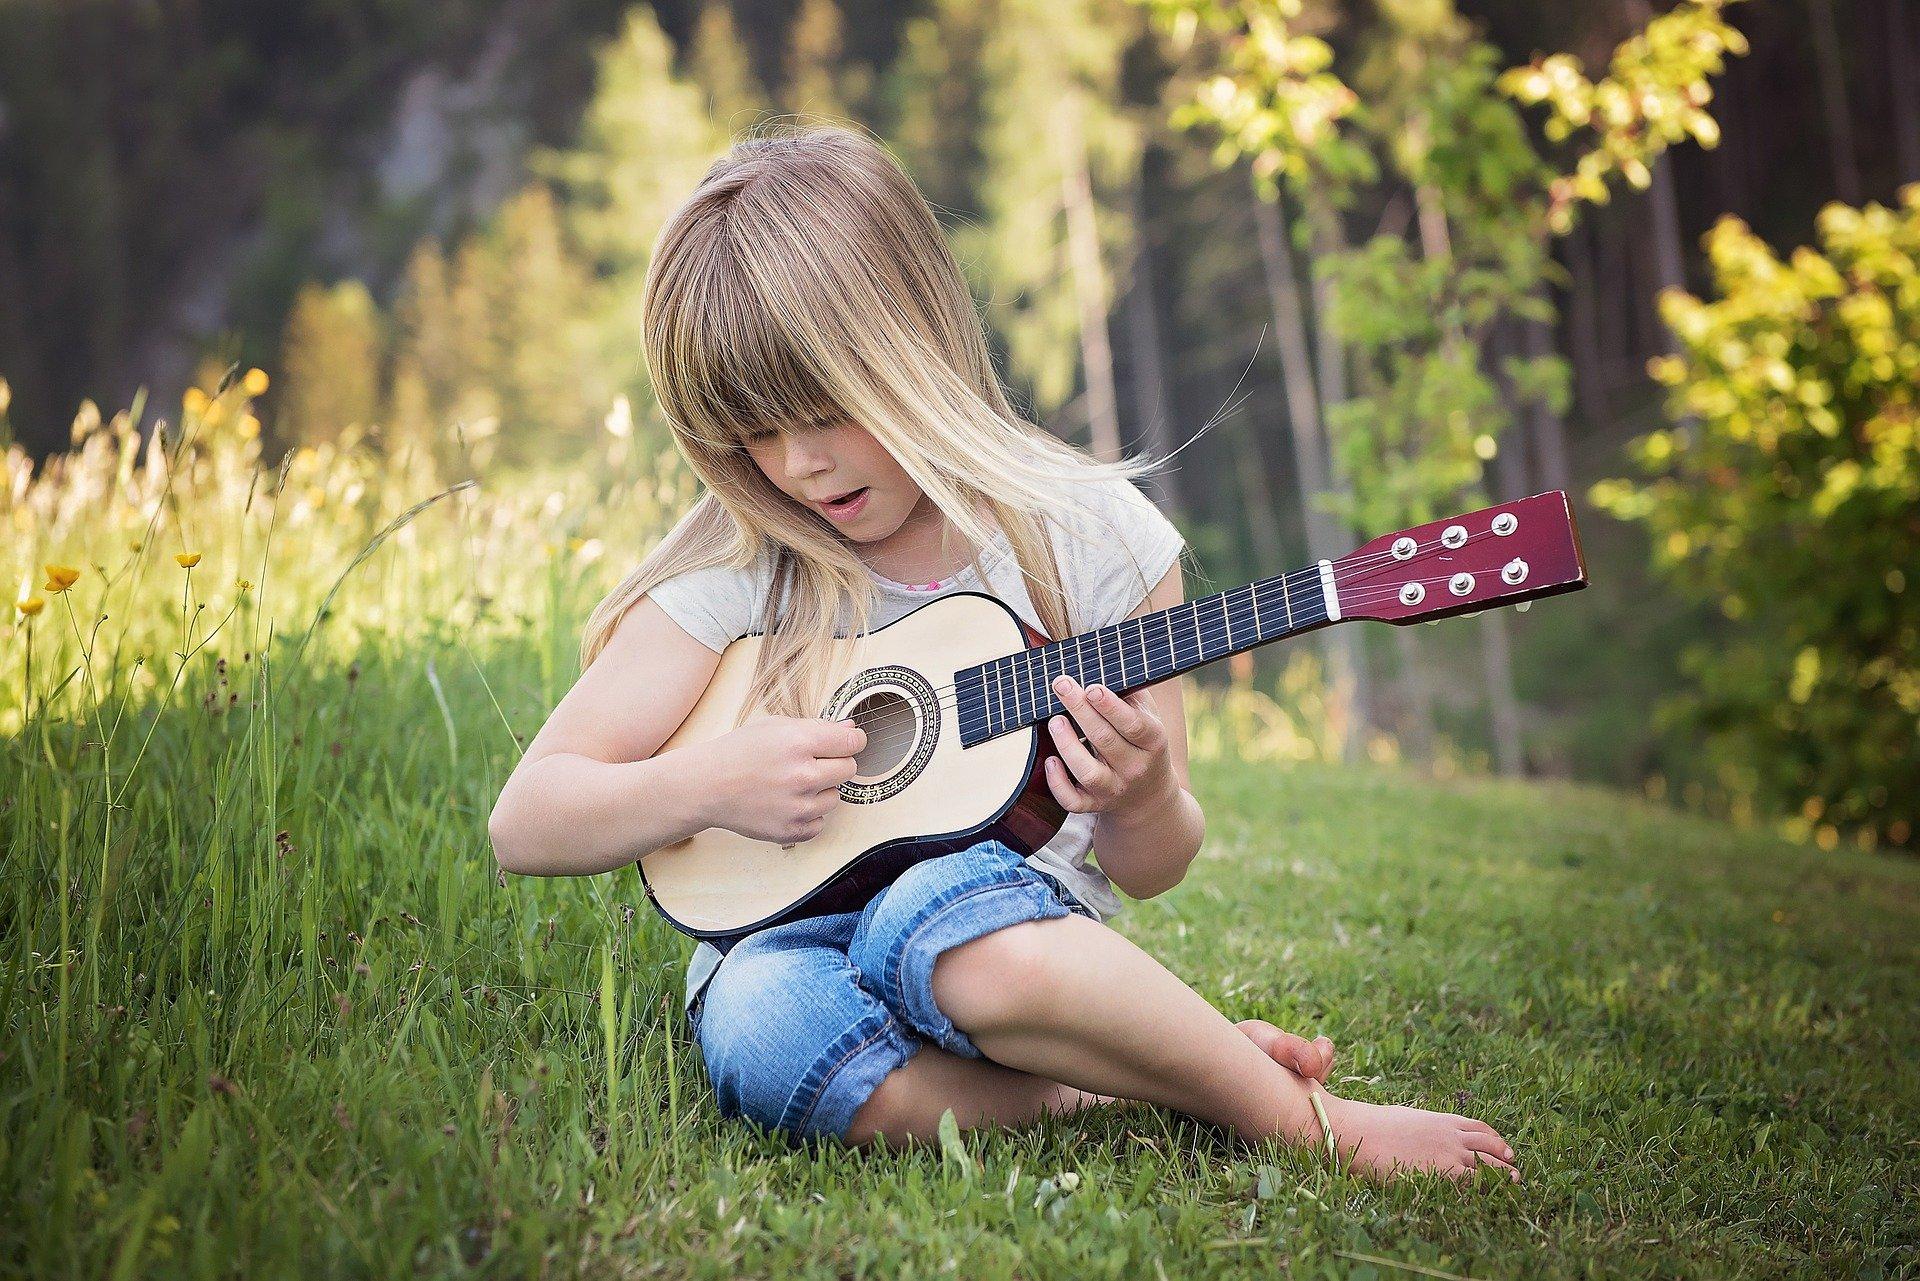 Deshalb ist Musik für die Entwicklung von Kindern wichtig